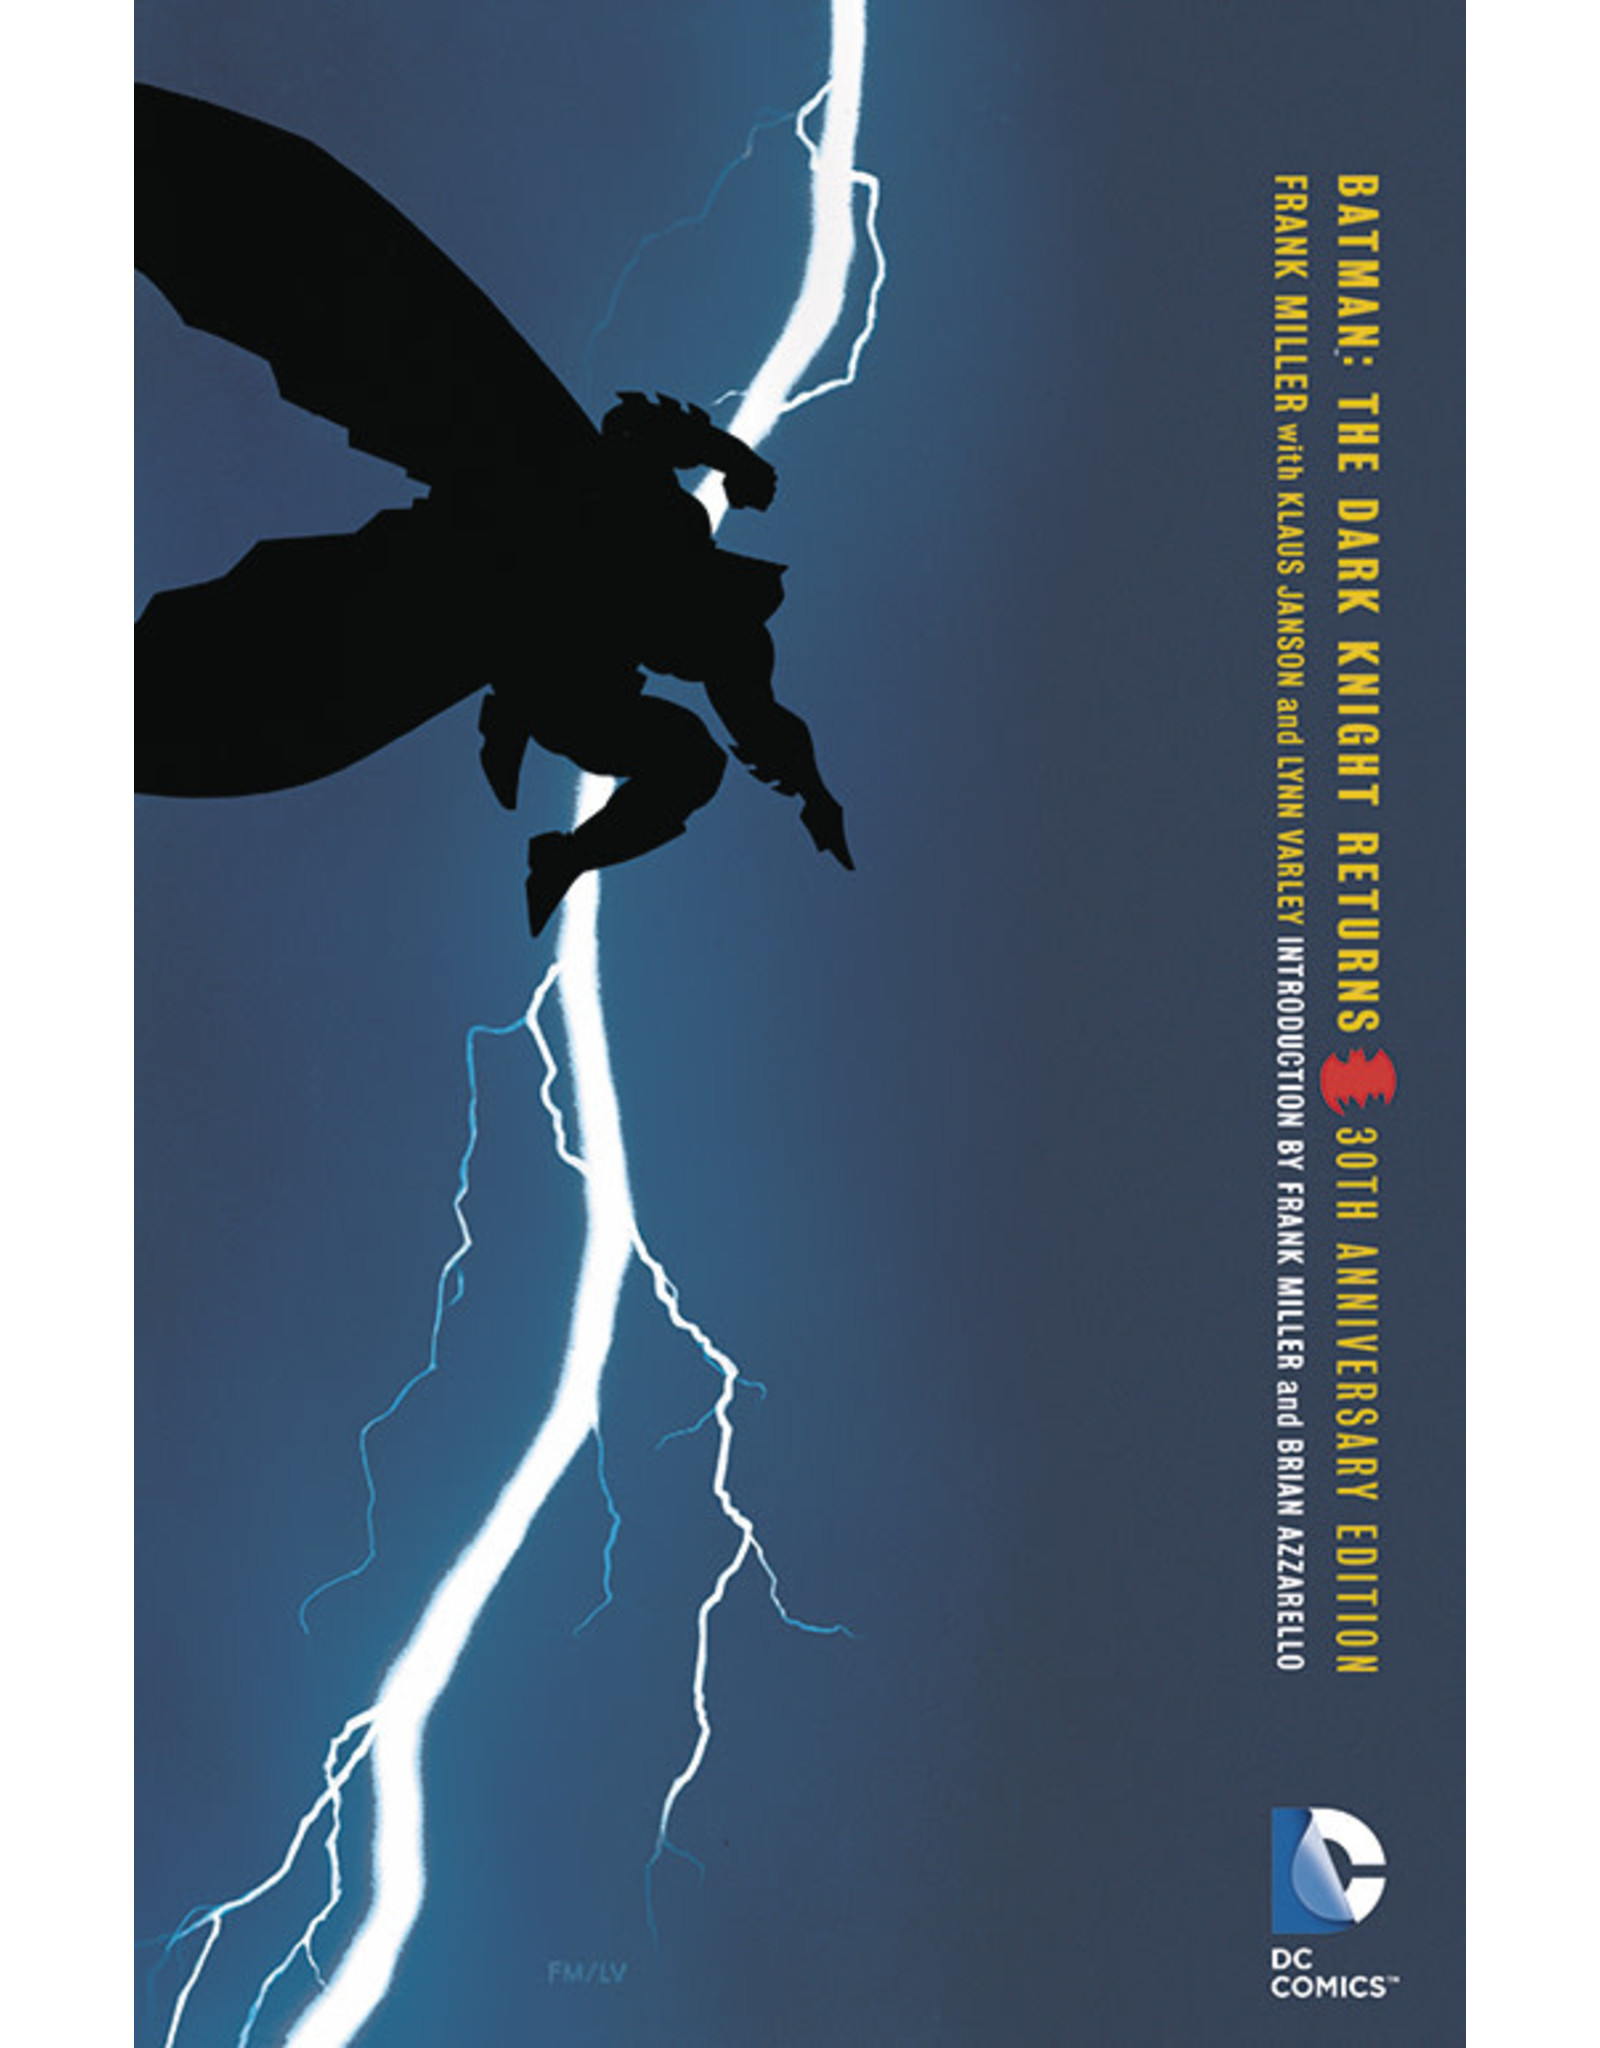 DC COMICS DARK KNIGHT RETURNS TP NEW EDITION